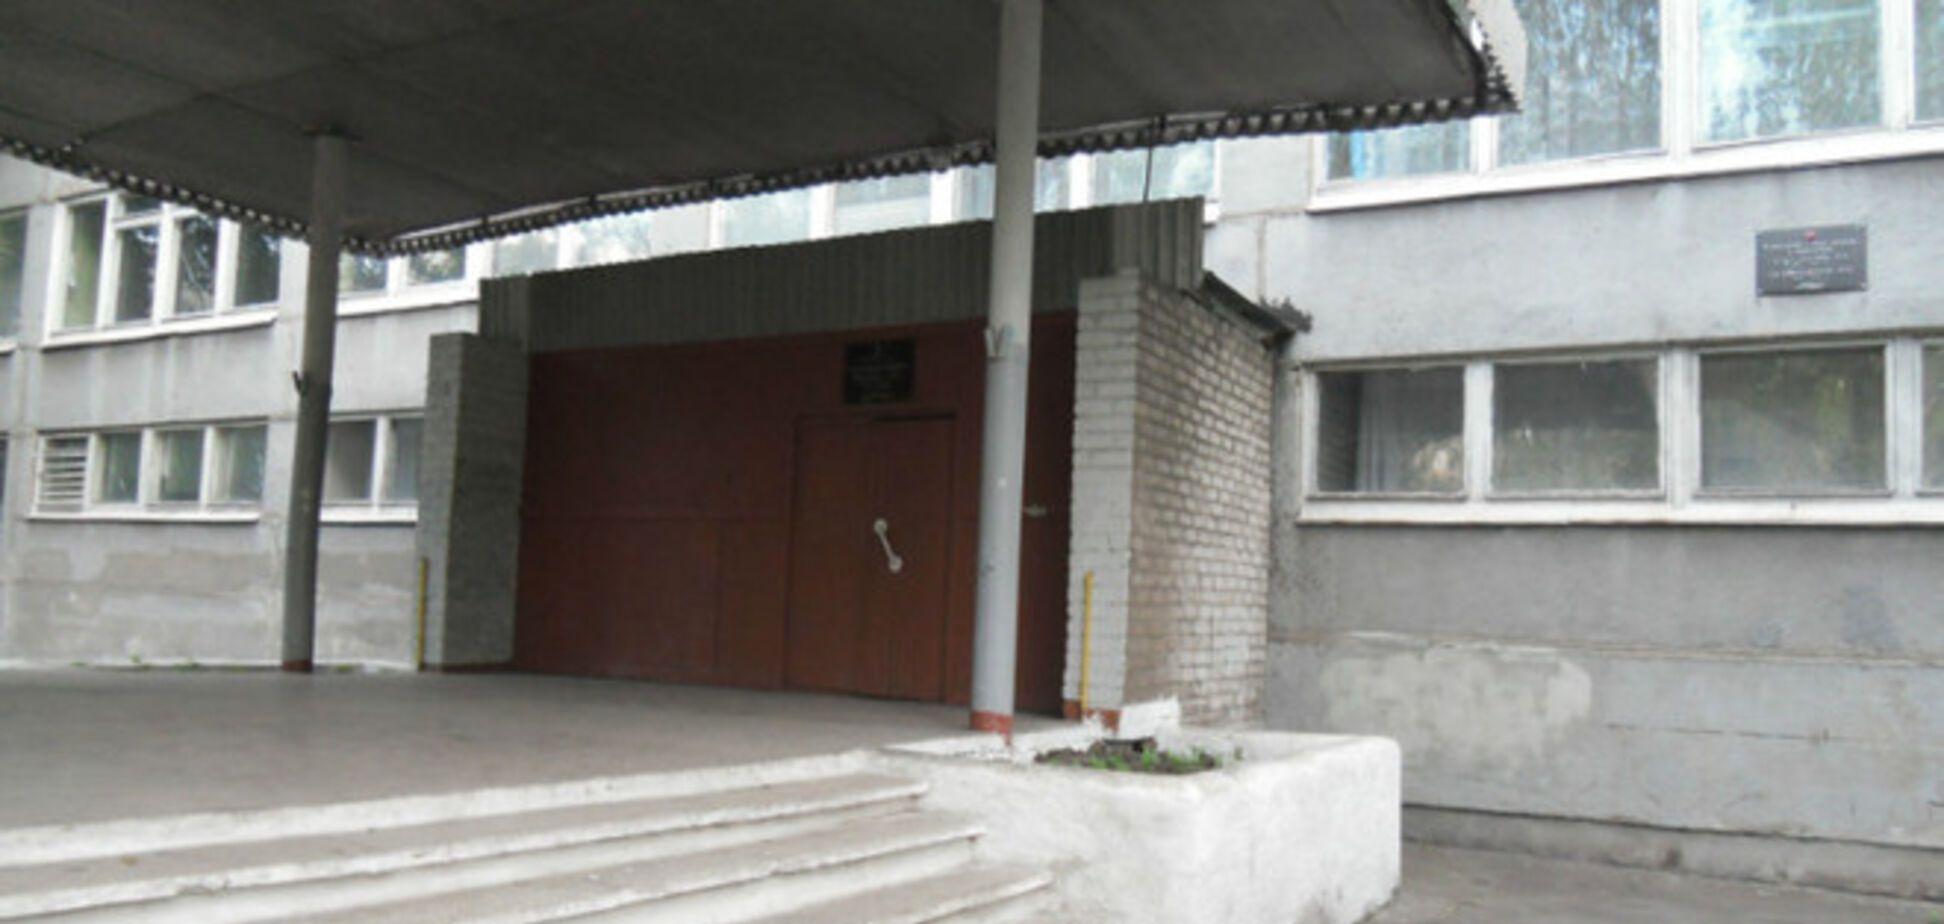 Будни 'ДНР': учителя в страхе за жизнь детей стали запирать школы изнутри